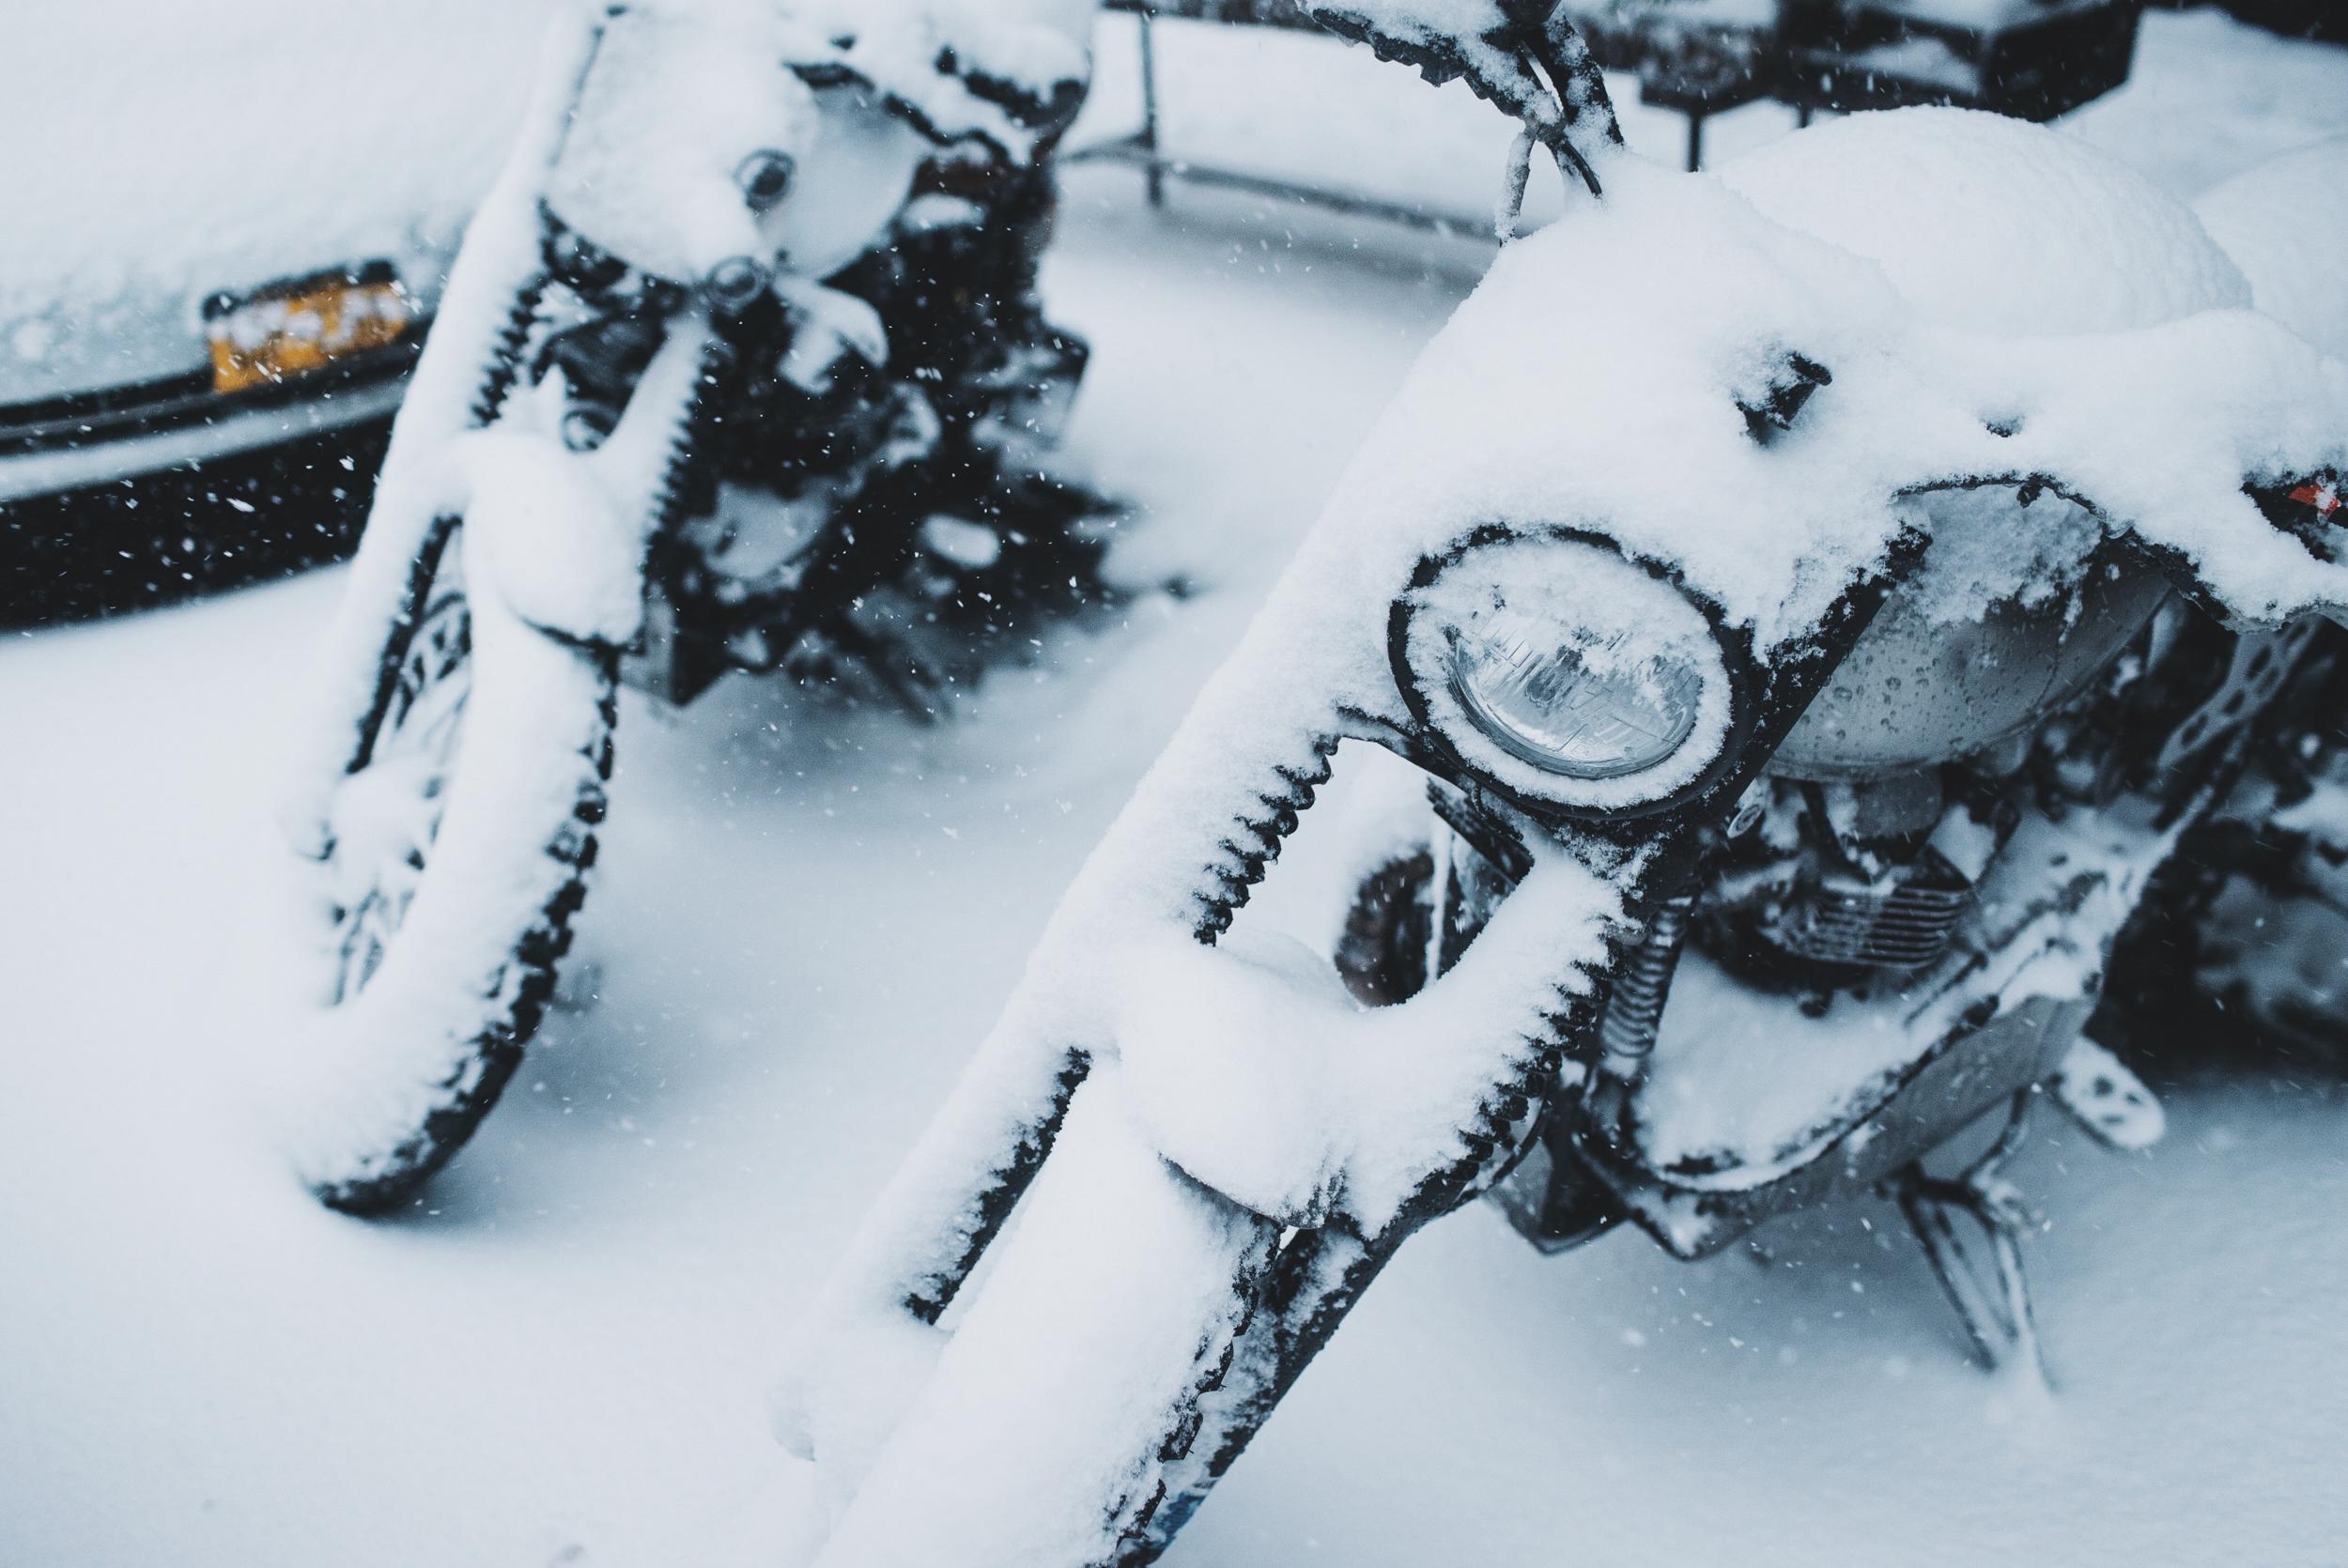 snow-110.jpg